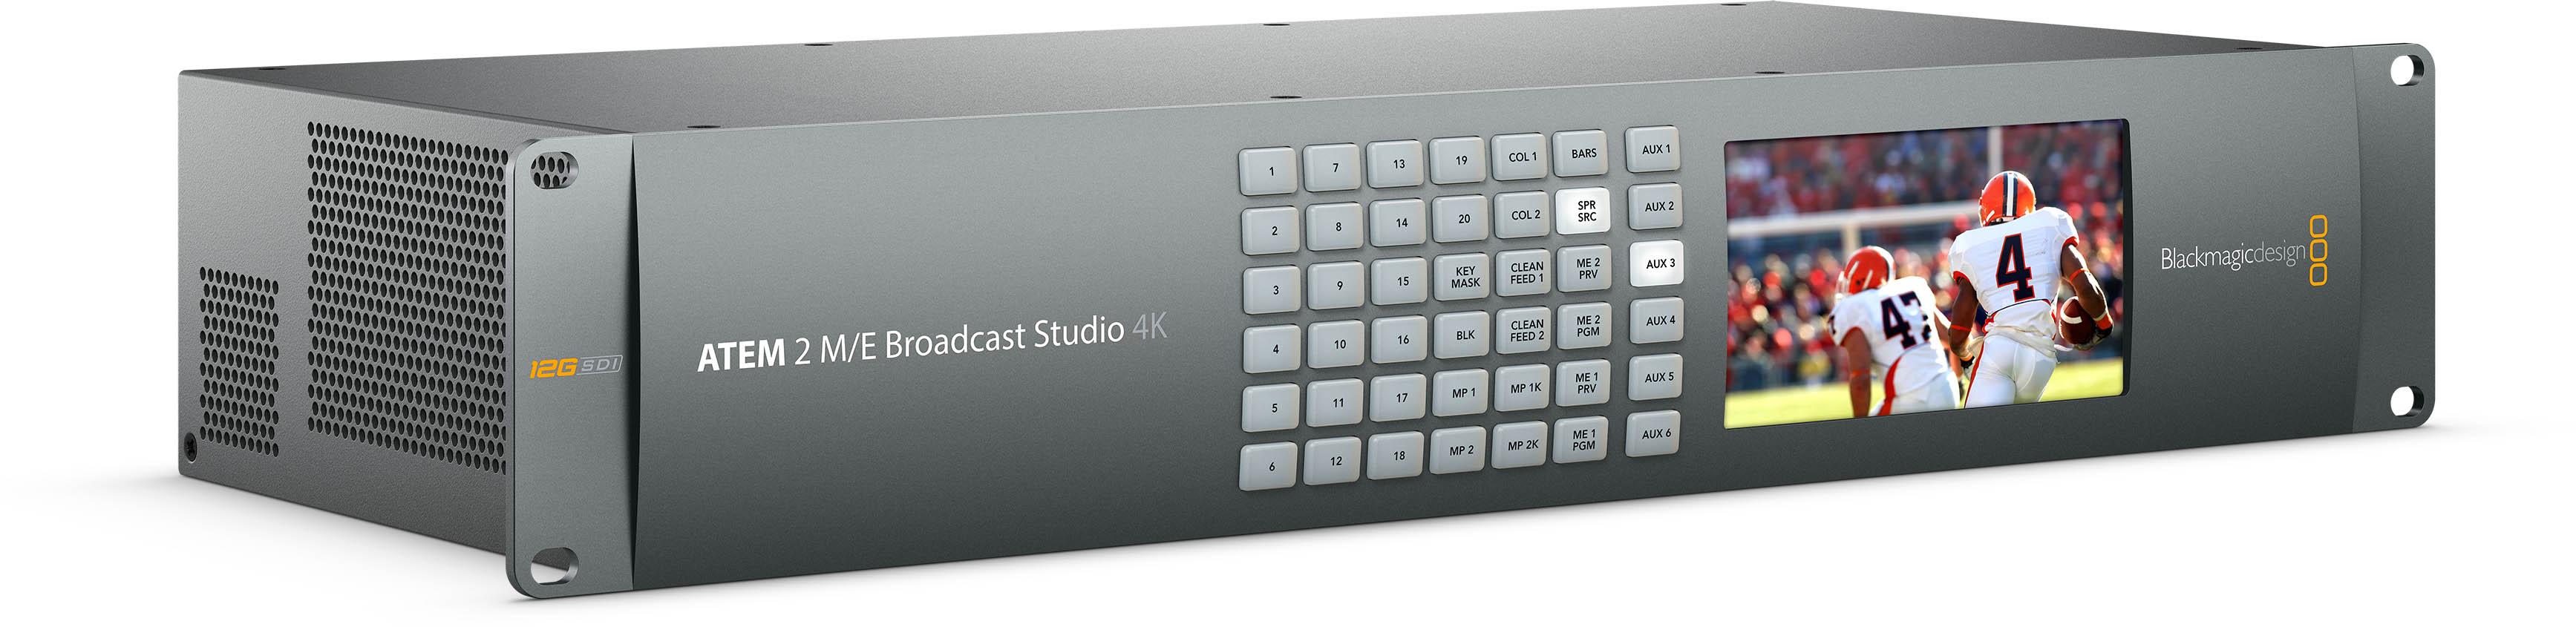 ATEM 2me-broadcast-studio-4k